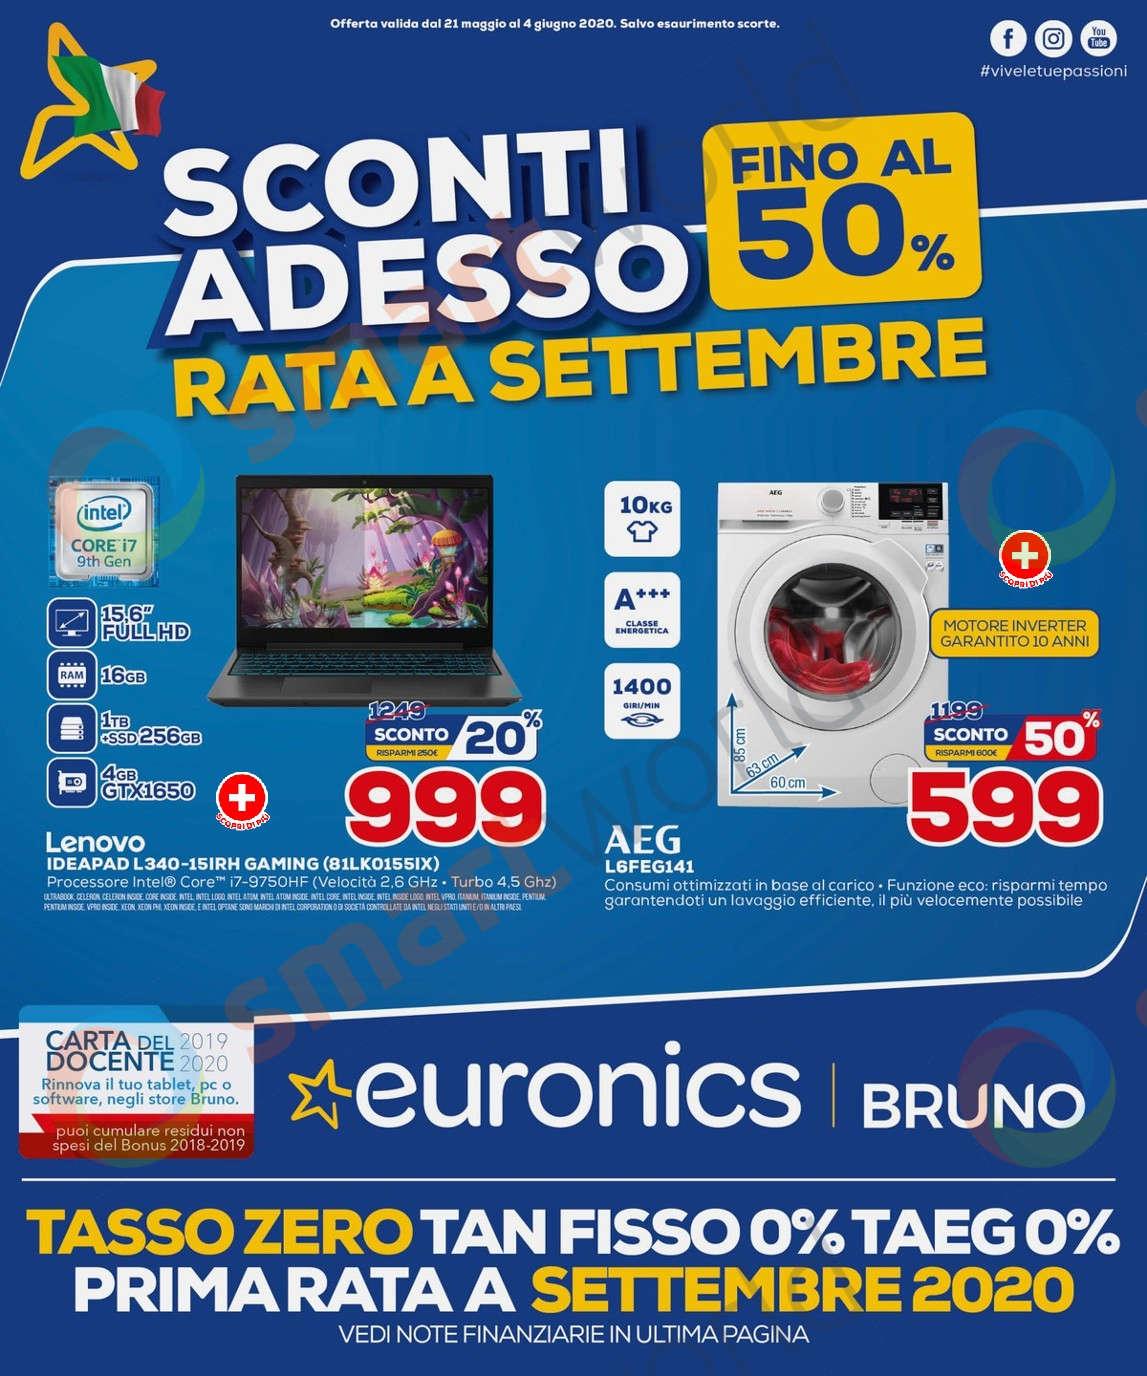 Volantino Euronics Bruno fino al 4 giugno (1)